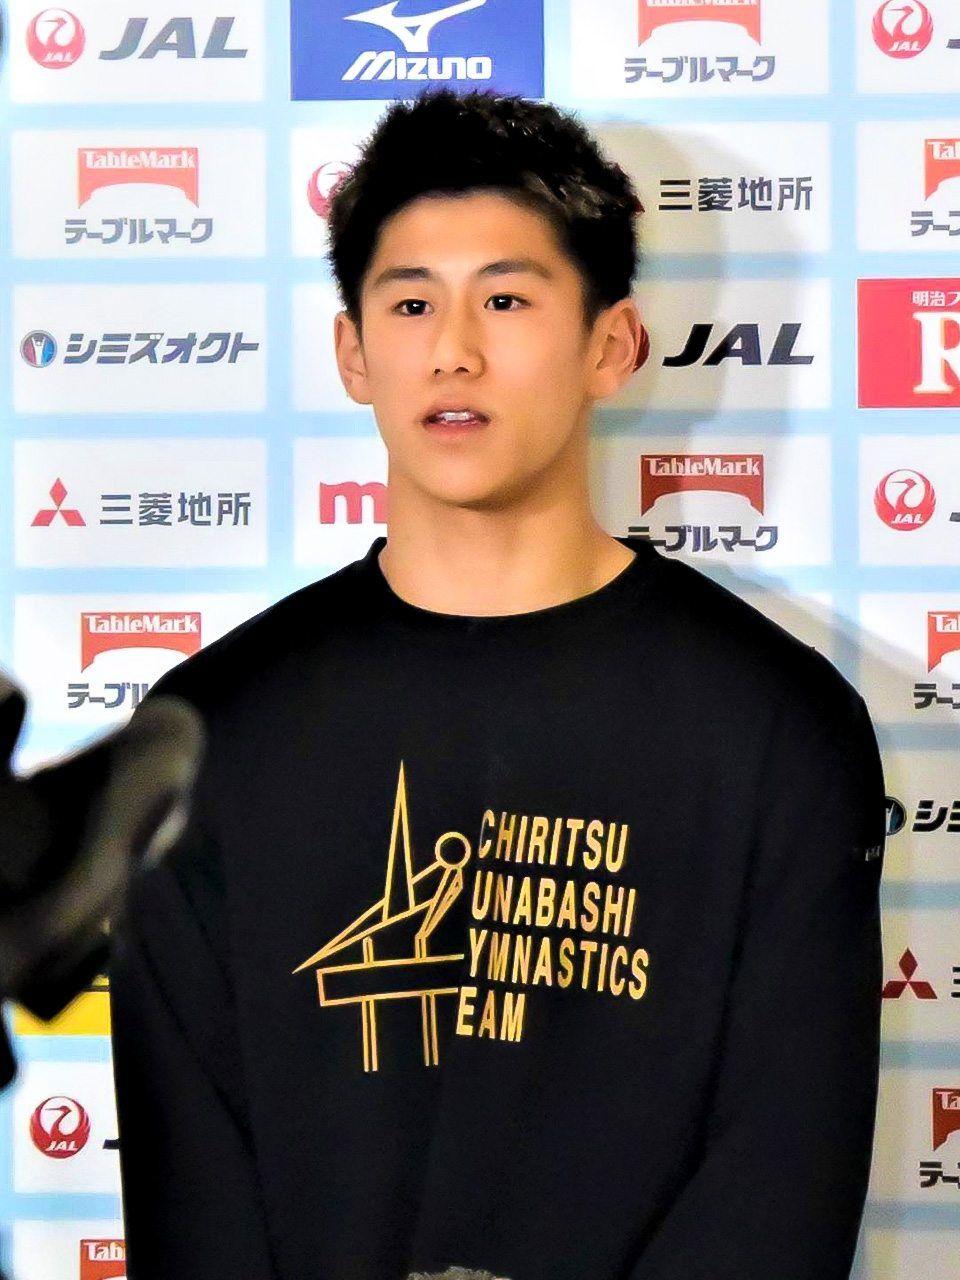 Хасимото Дайки после победы в суперфинале индивидуального многоборья (@ Янаи Юмико)